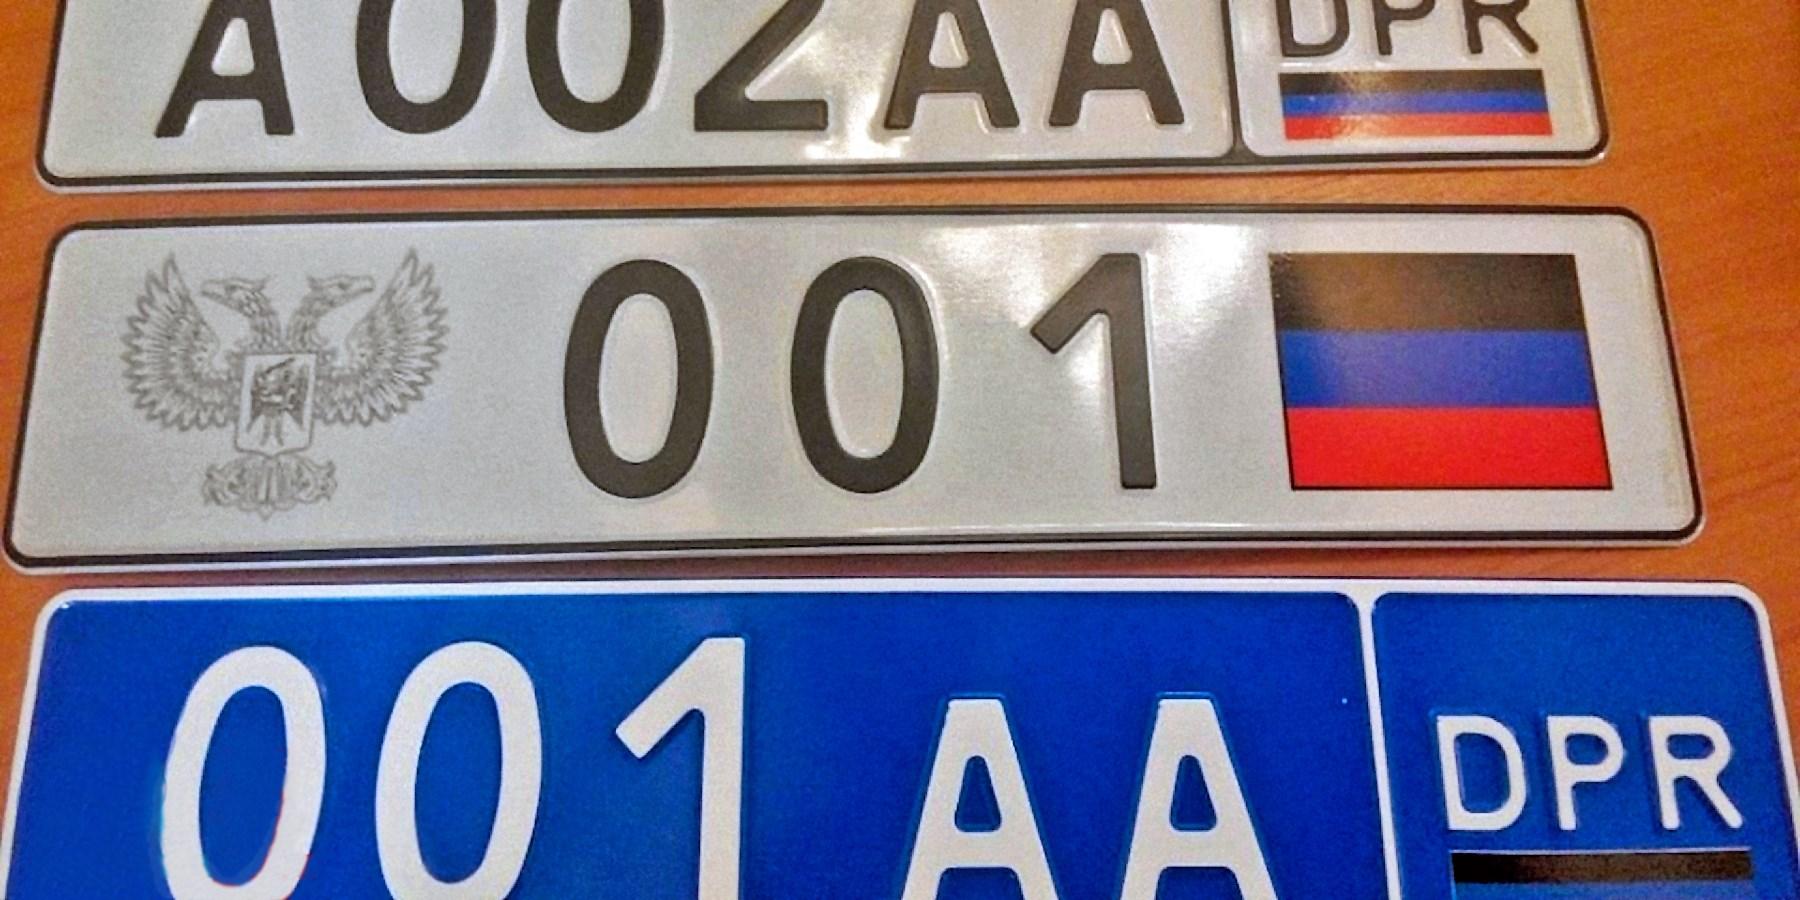 00 dnr. donetsk pr licence plates. 22.05.15